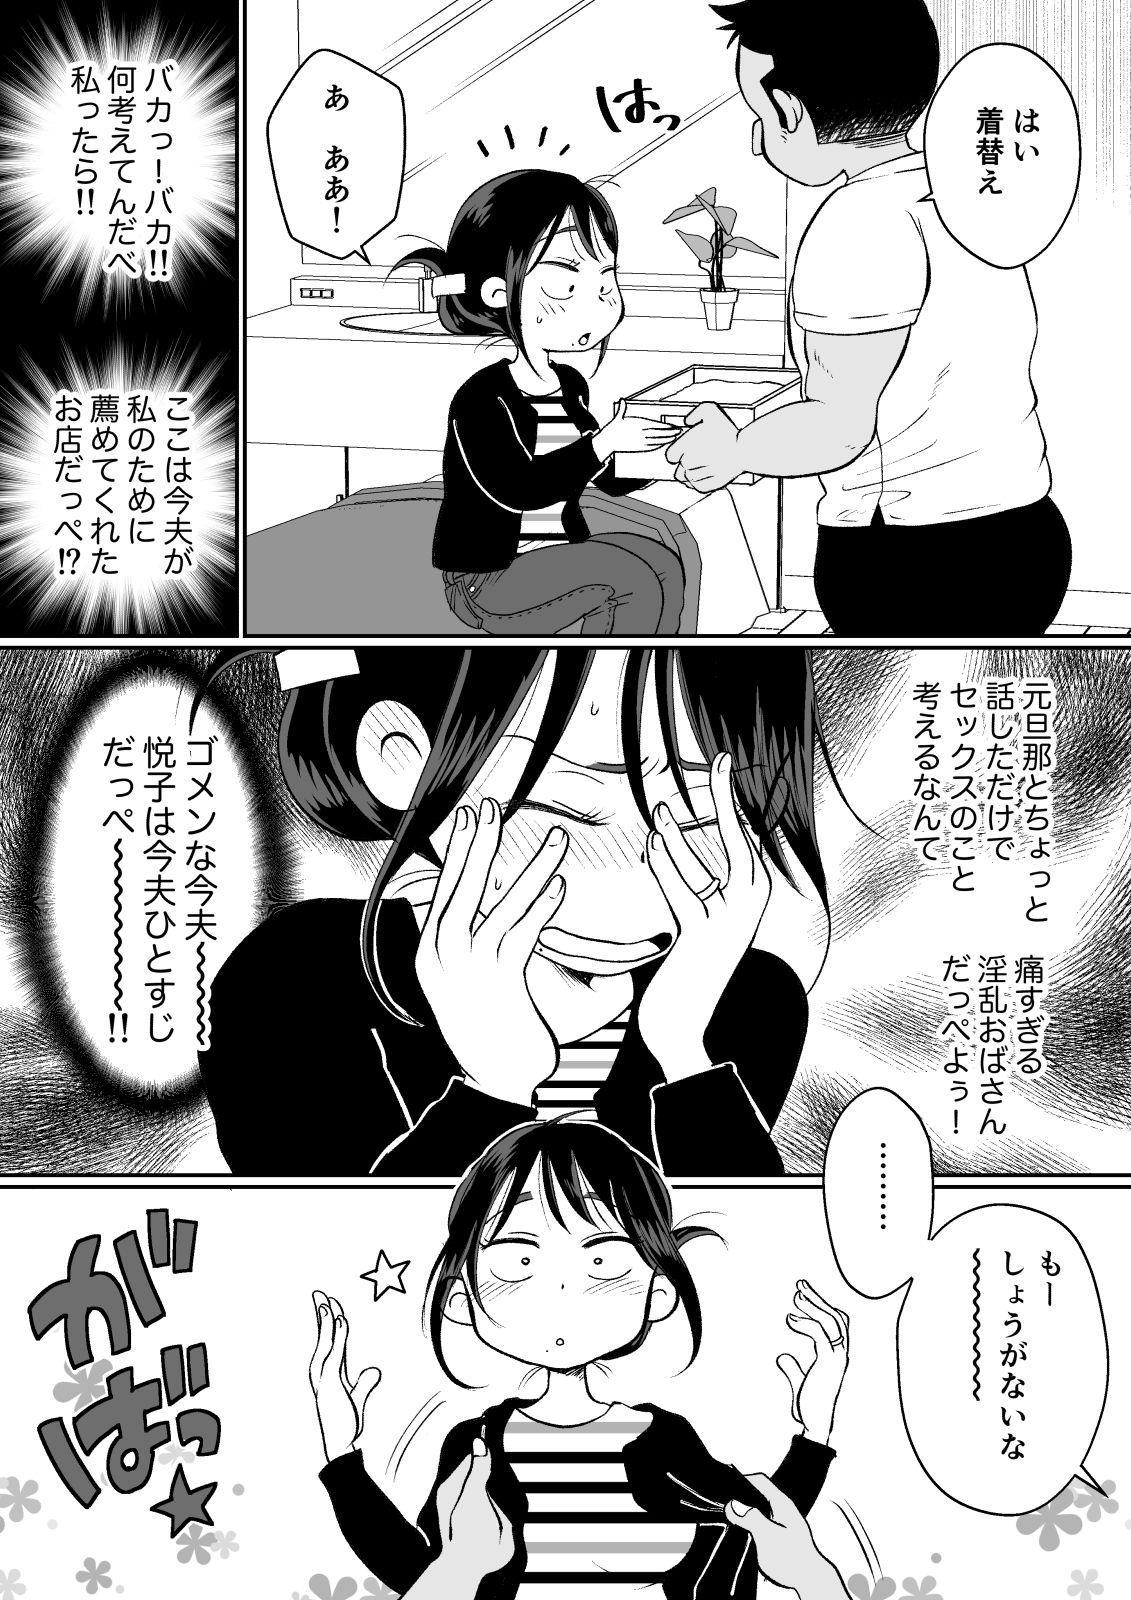 Batsuichi Hitozuma, Moto Danna no Ero Massage ni Ochiru! 13